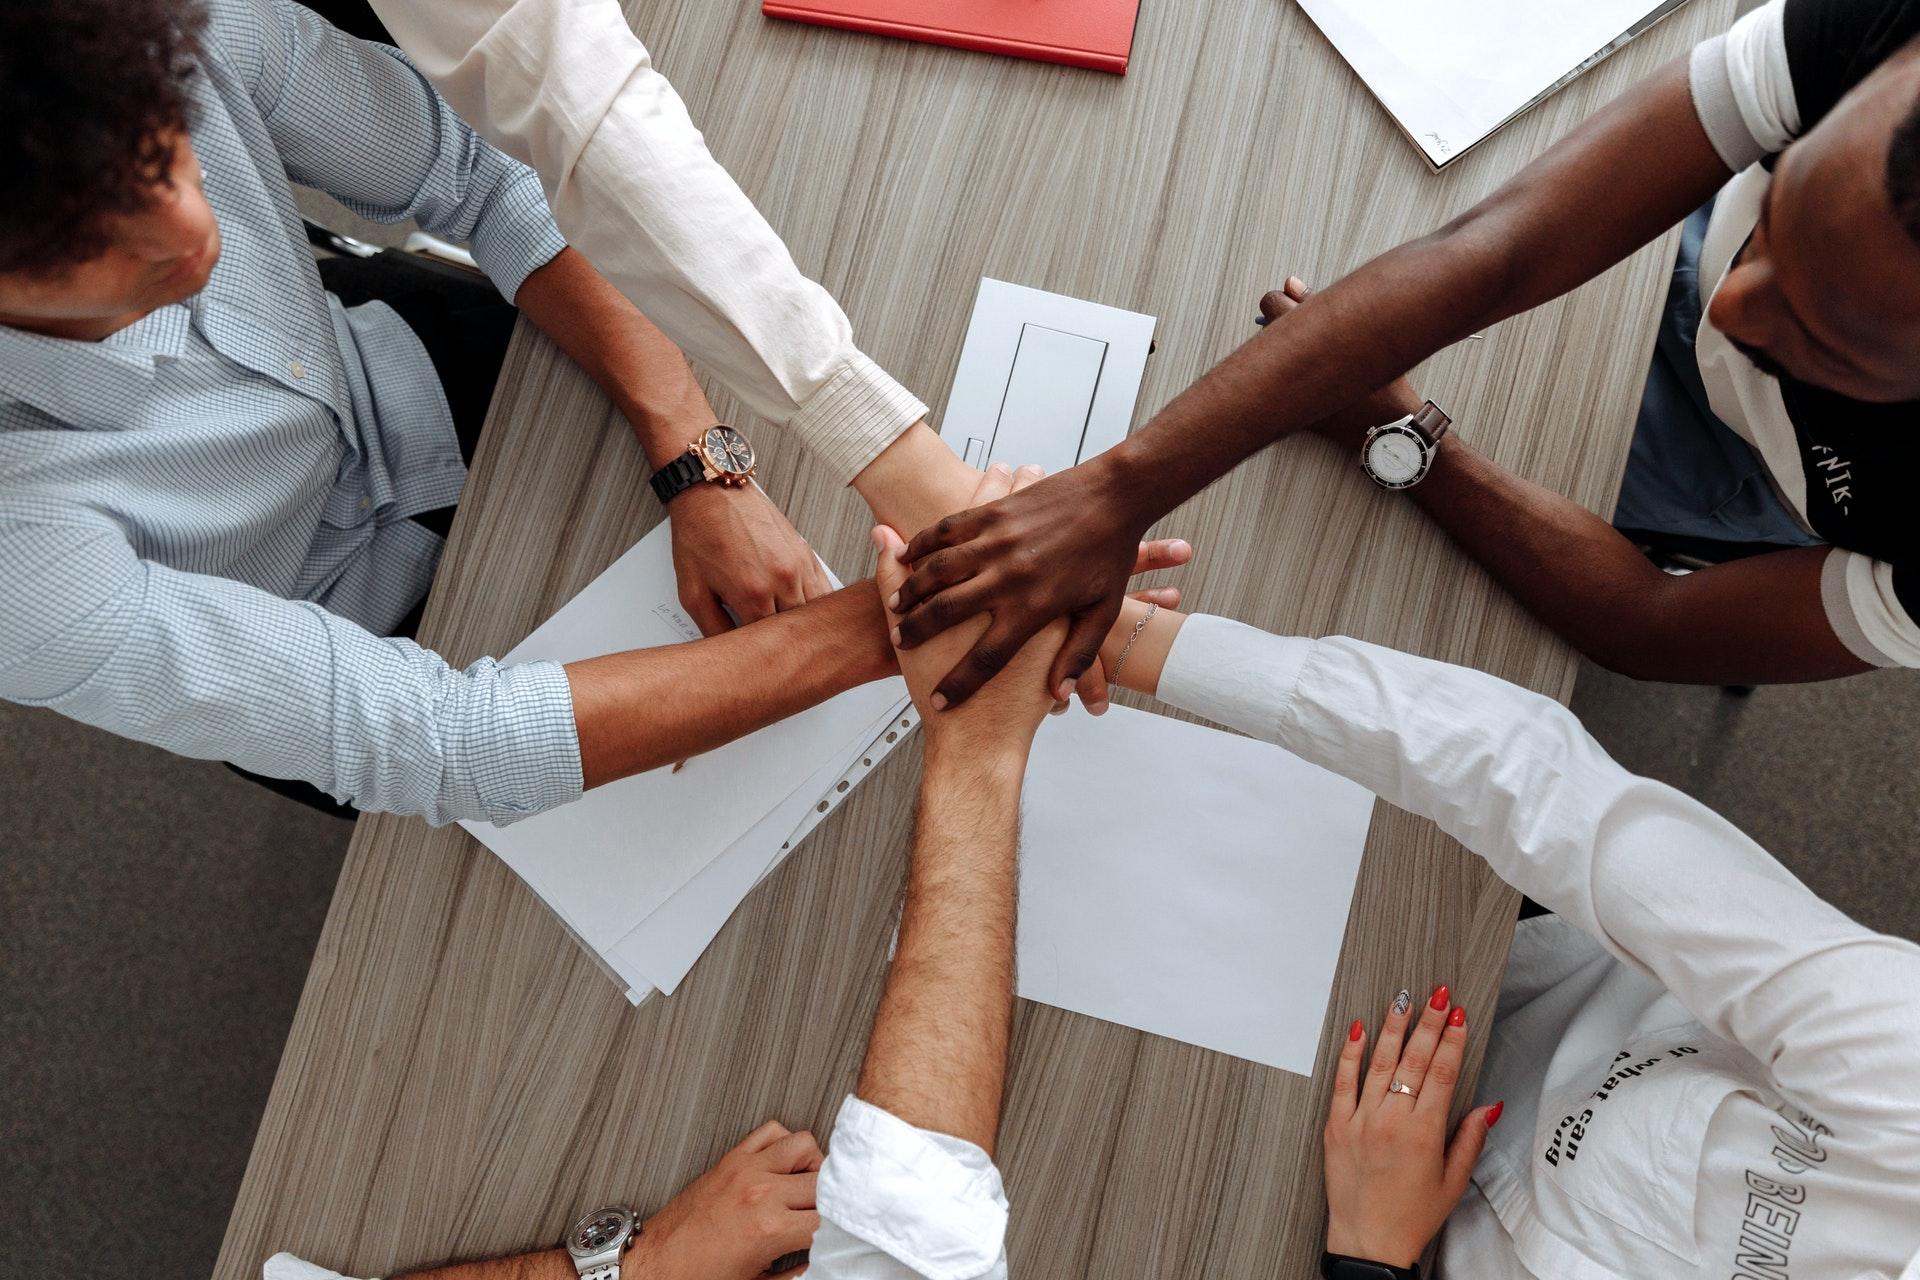 Vemos várias pessoas ao redor de uma mesa dando as mão em sinal de união (imagem ilustrativa). Texto: mulheres empreendedoras.